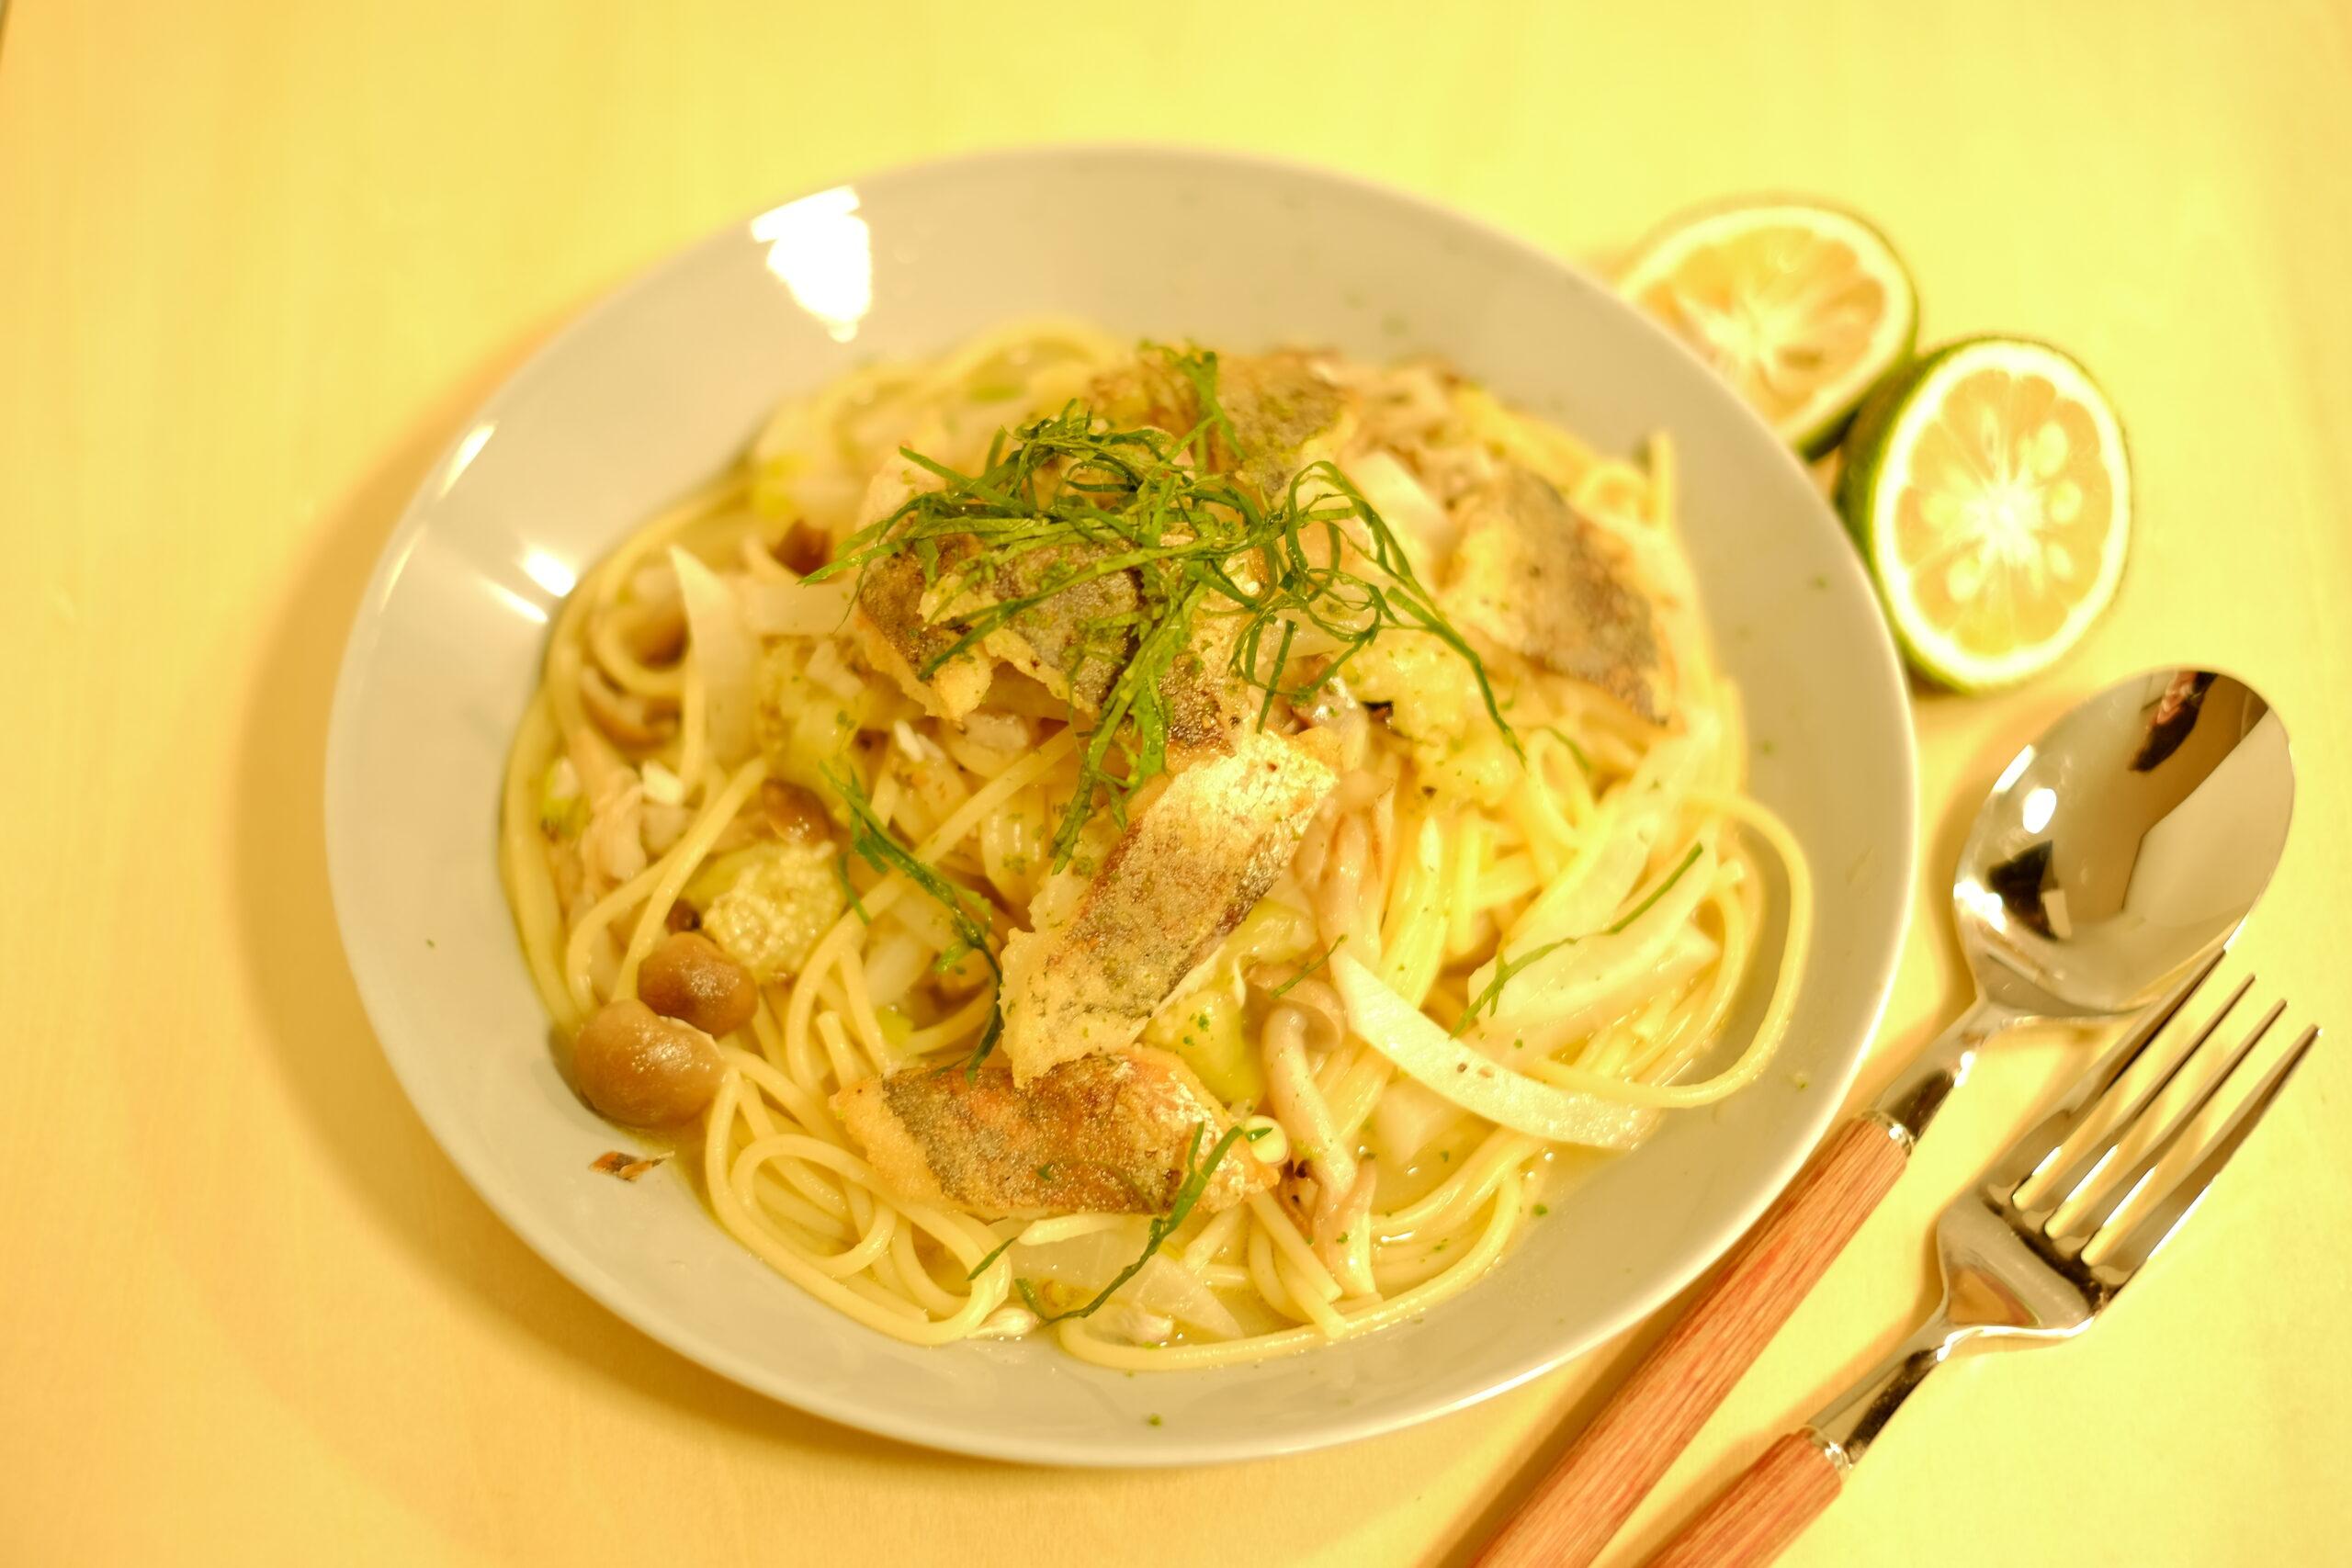 【秋香る】アジとキノコ焼き茄子のスパゲッティーニ青い酢みかん添えの完成画像2